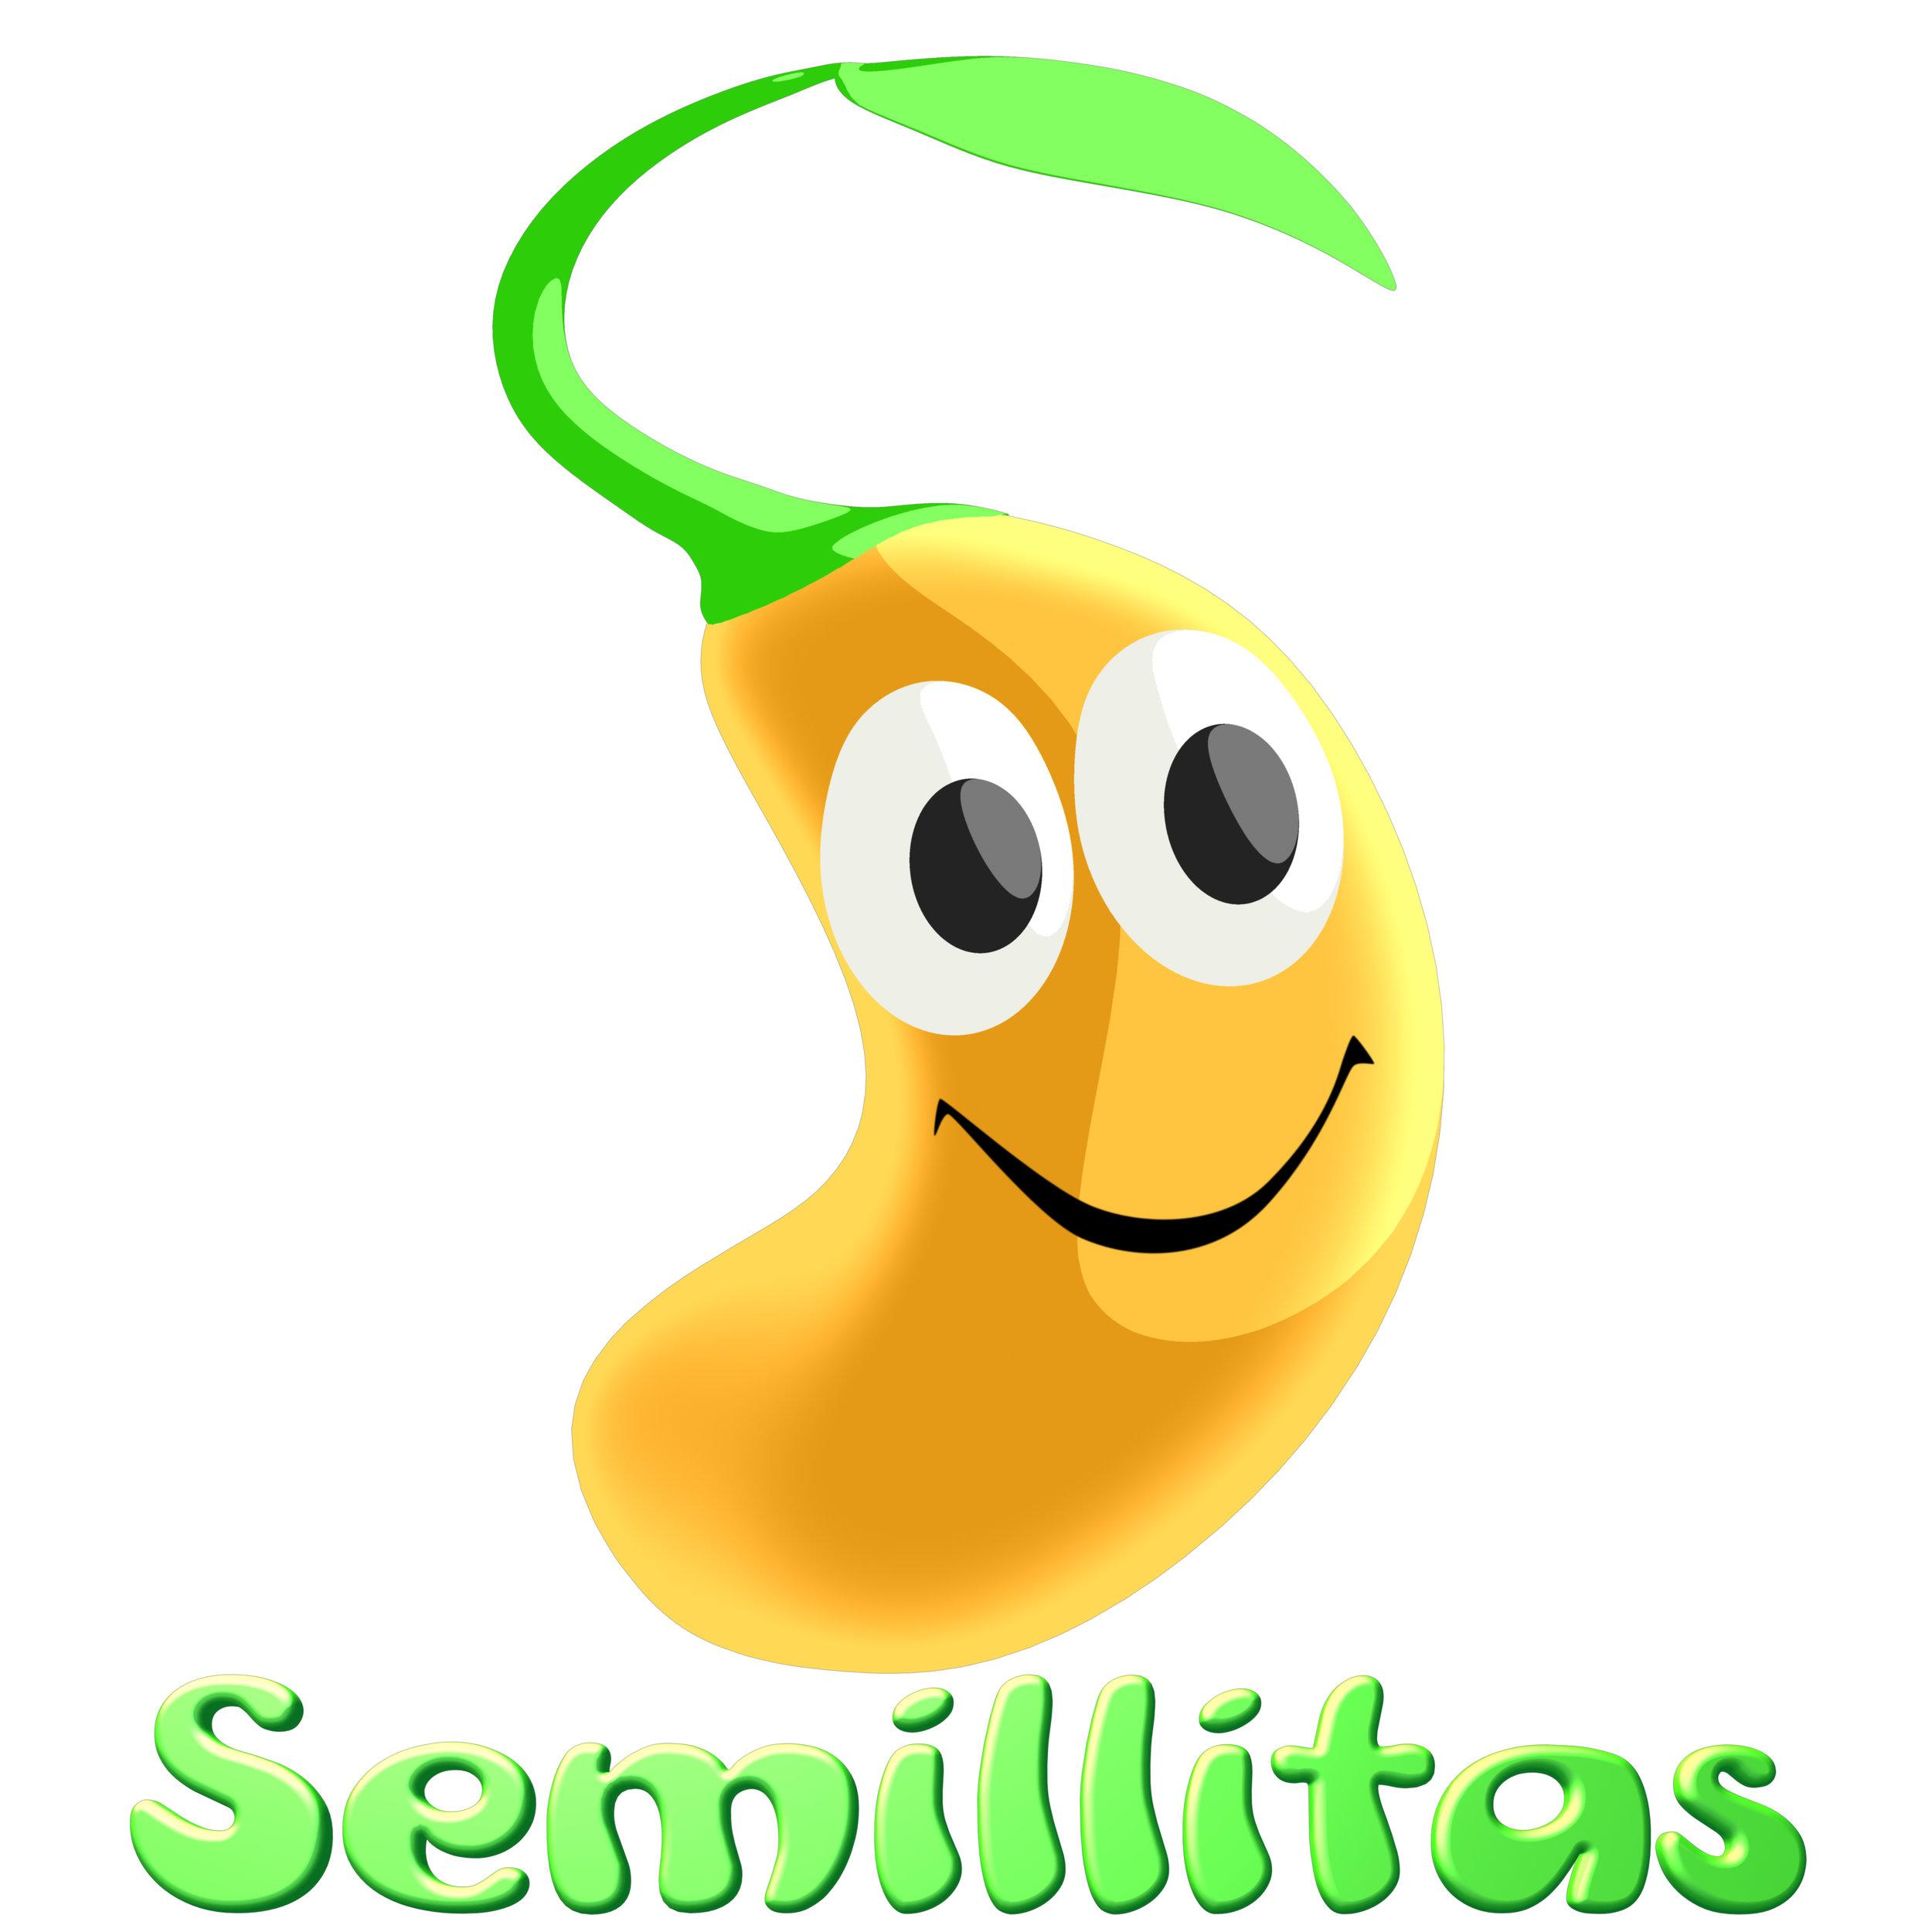 SEMILLITAS_SQUARE_(JPG).jpg